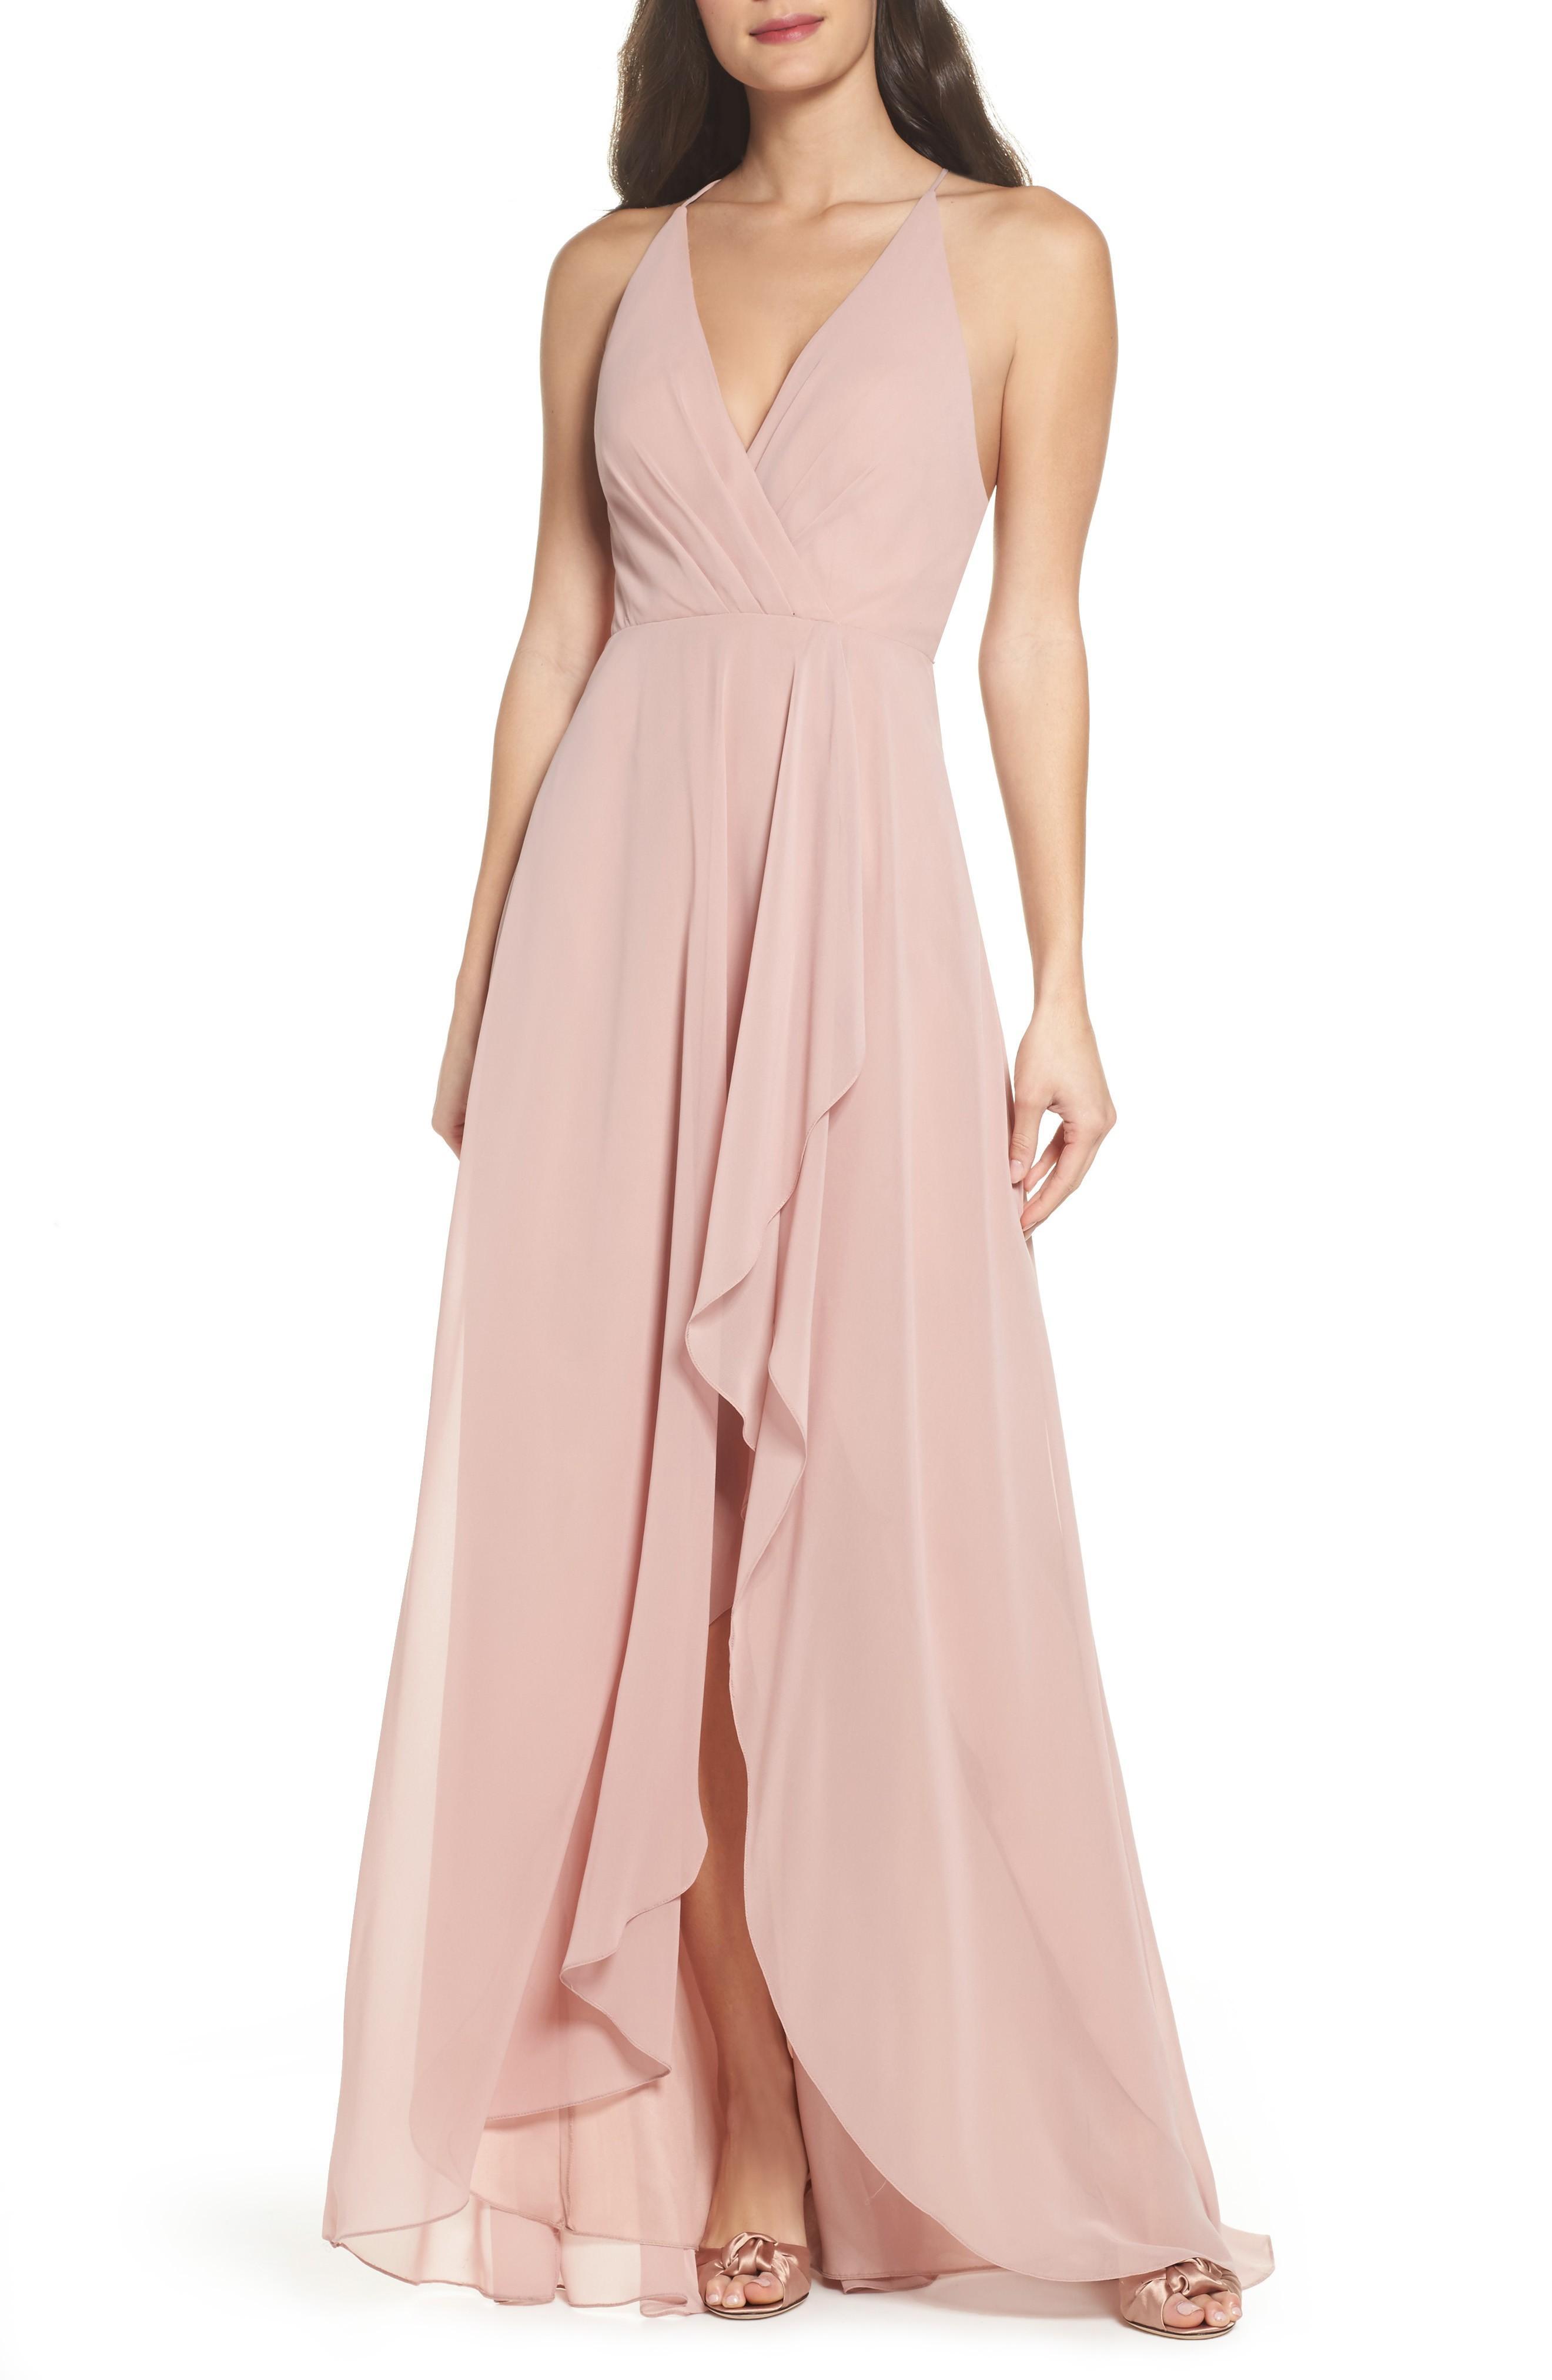 953ca16544e Jenny Yoo Farrah Ruffle Skirt Chiffon Gown In Whipped Apricot